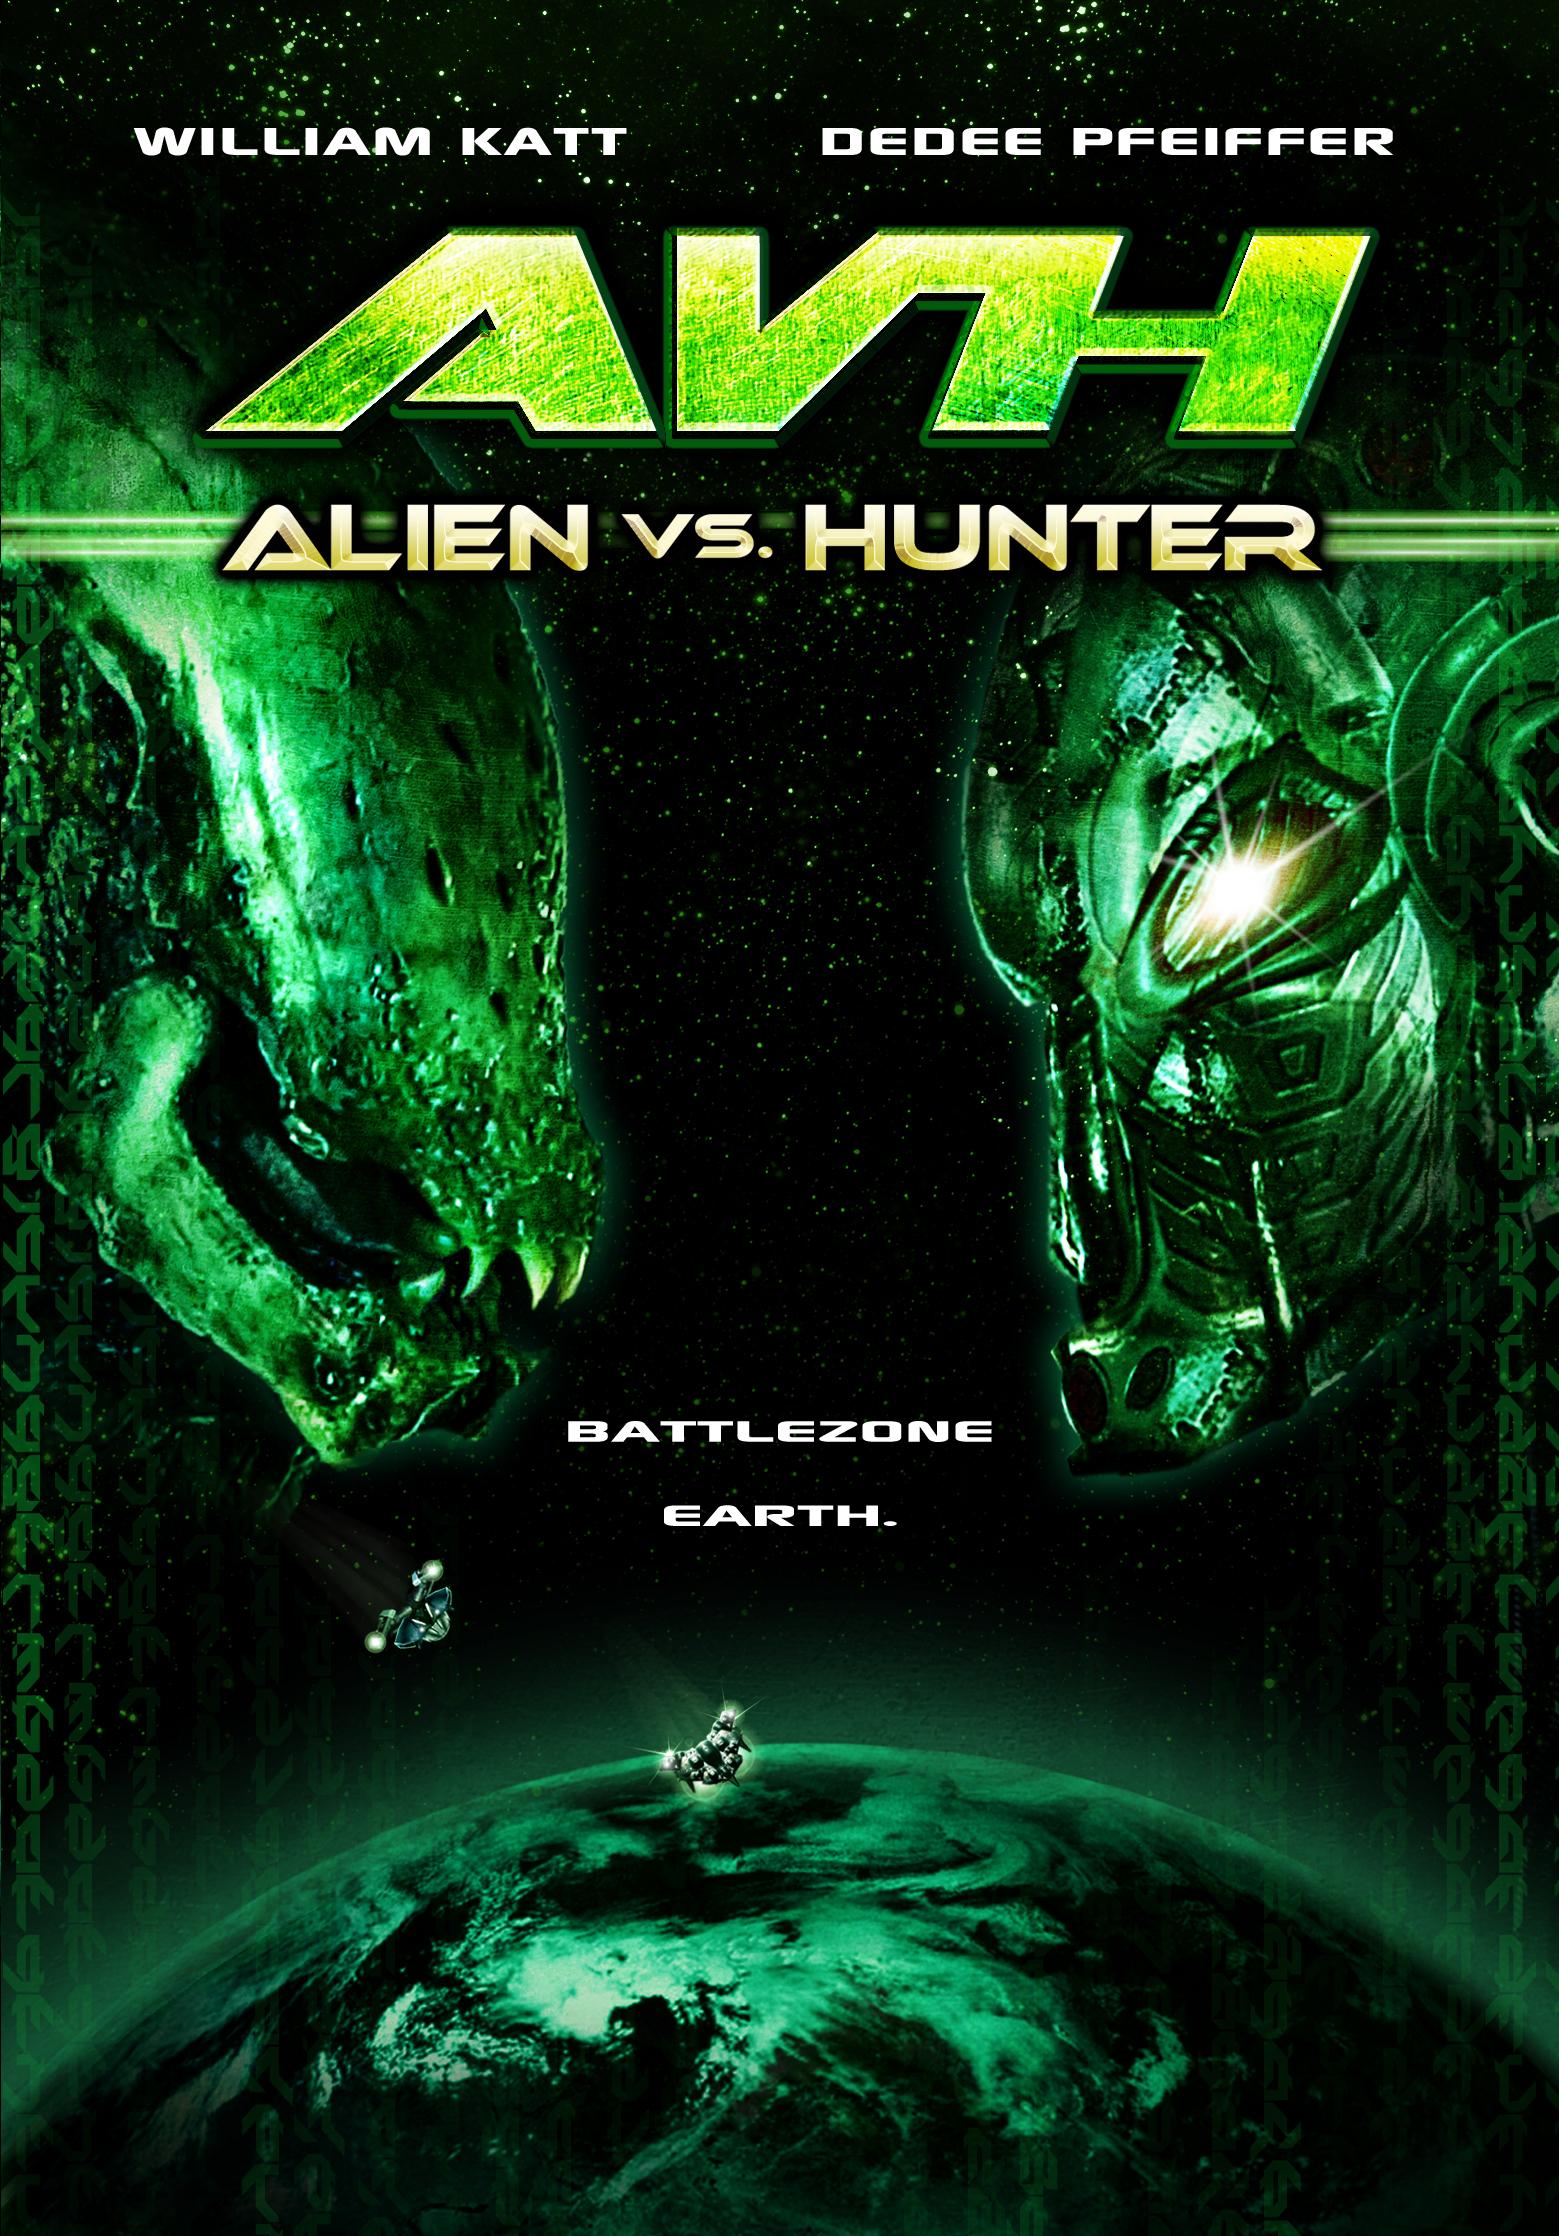 Avh Alien Vs. Hunter